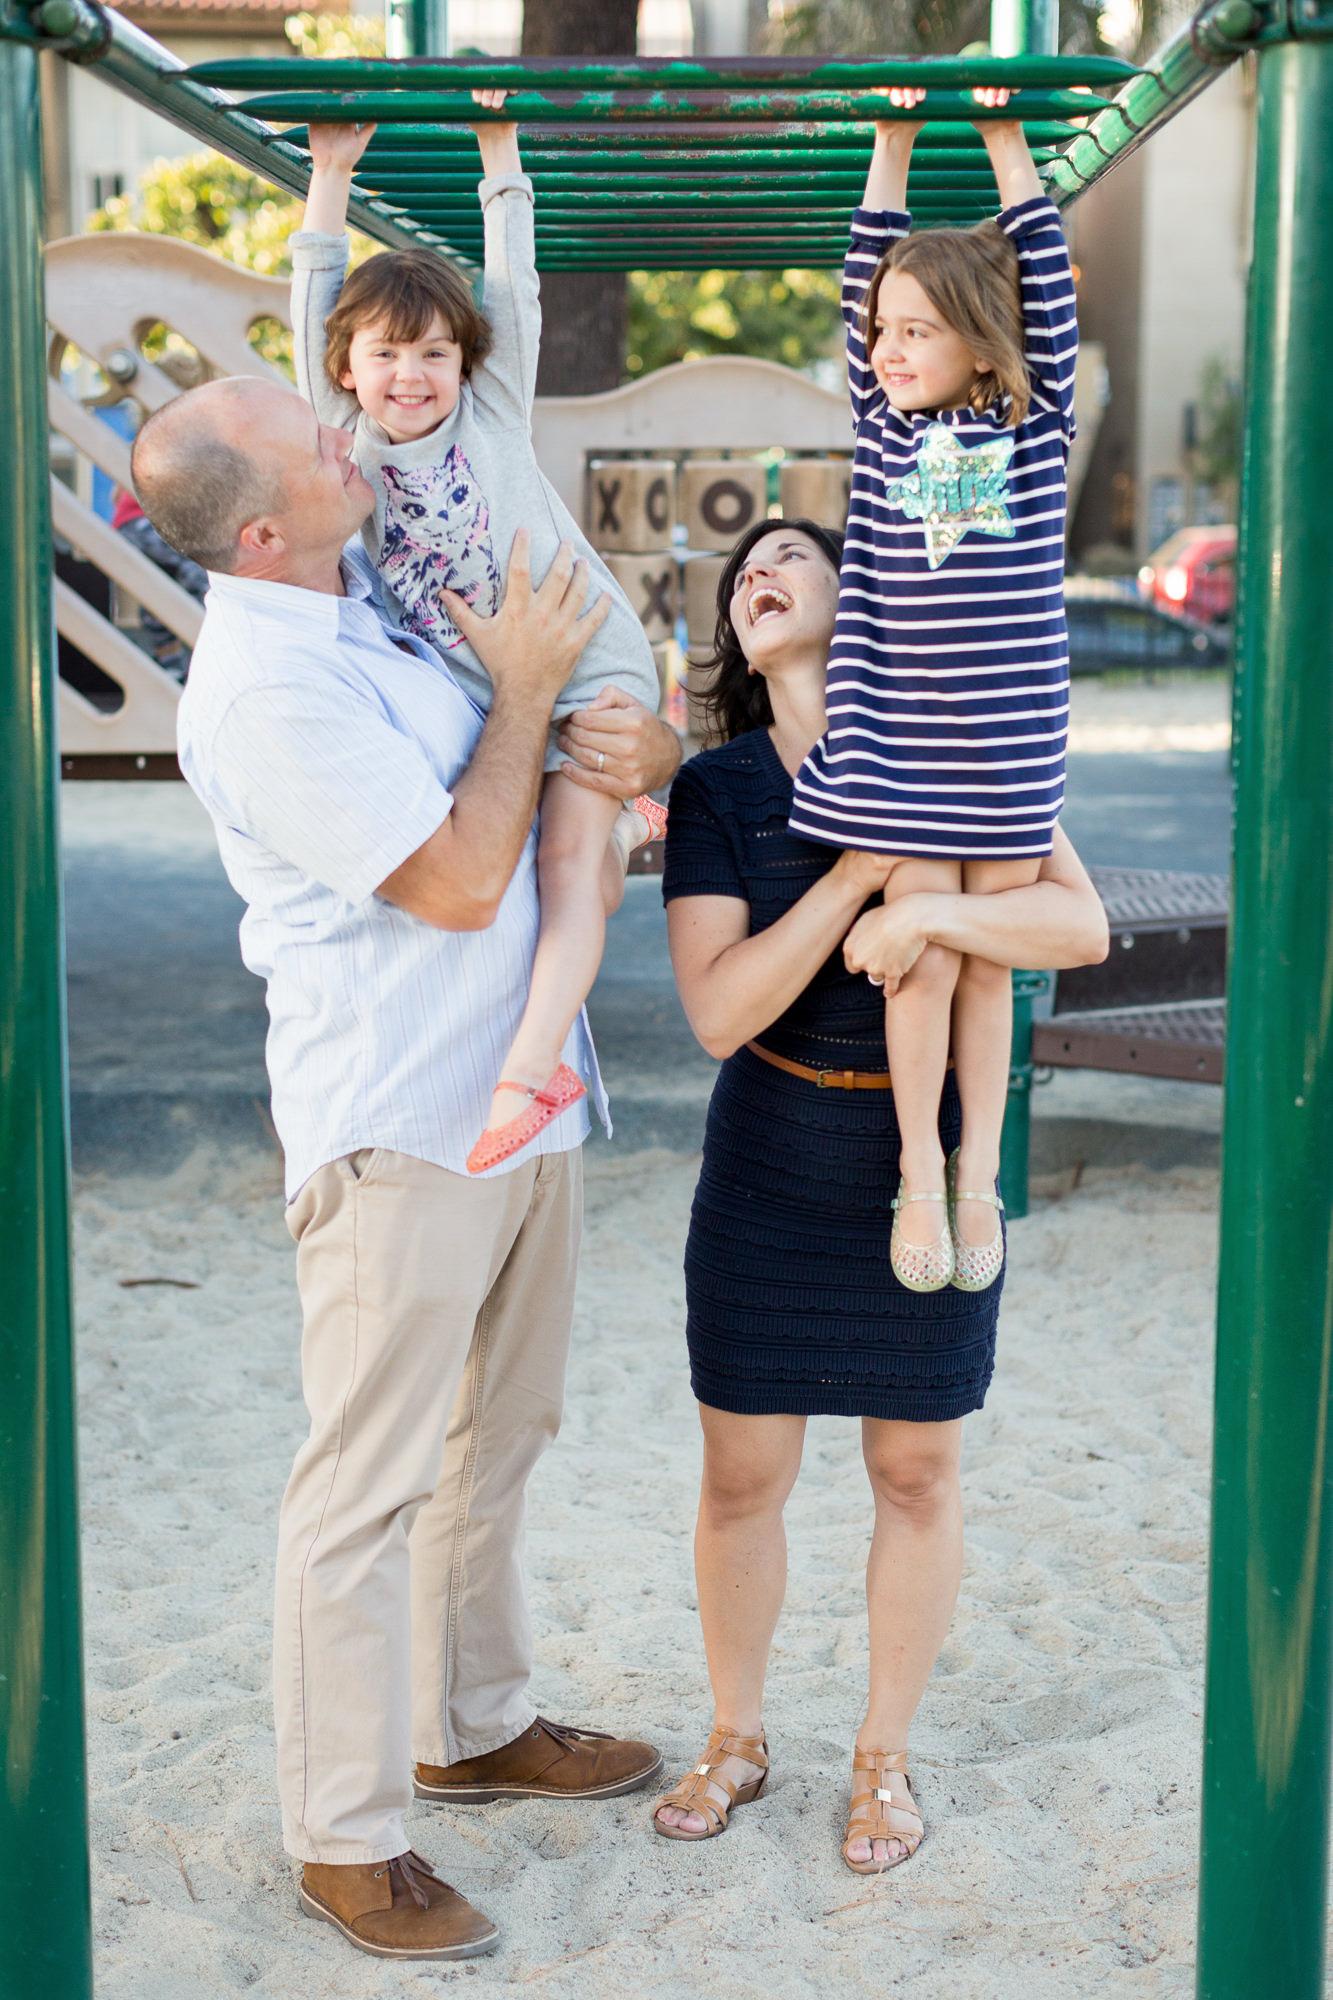 San Diego Family Photographer Photographer Christine Dammann Photography Stephanie F.-2.jpg